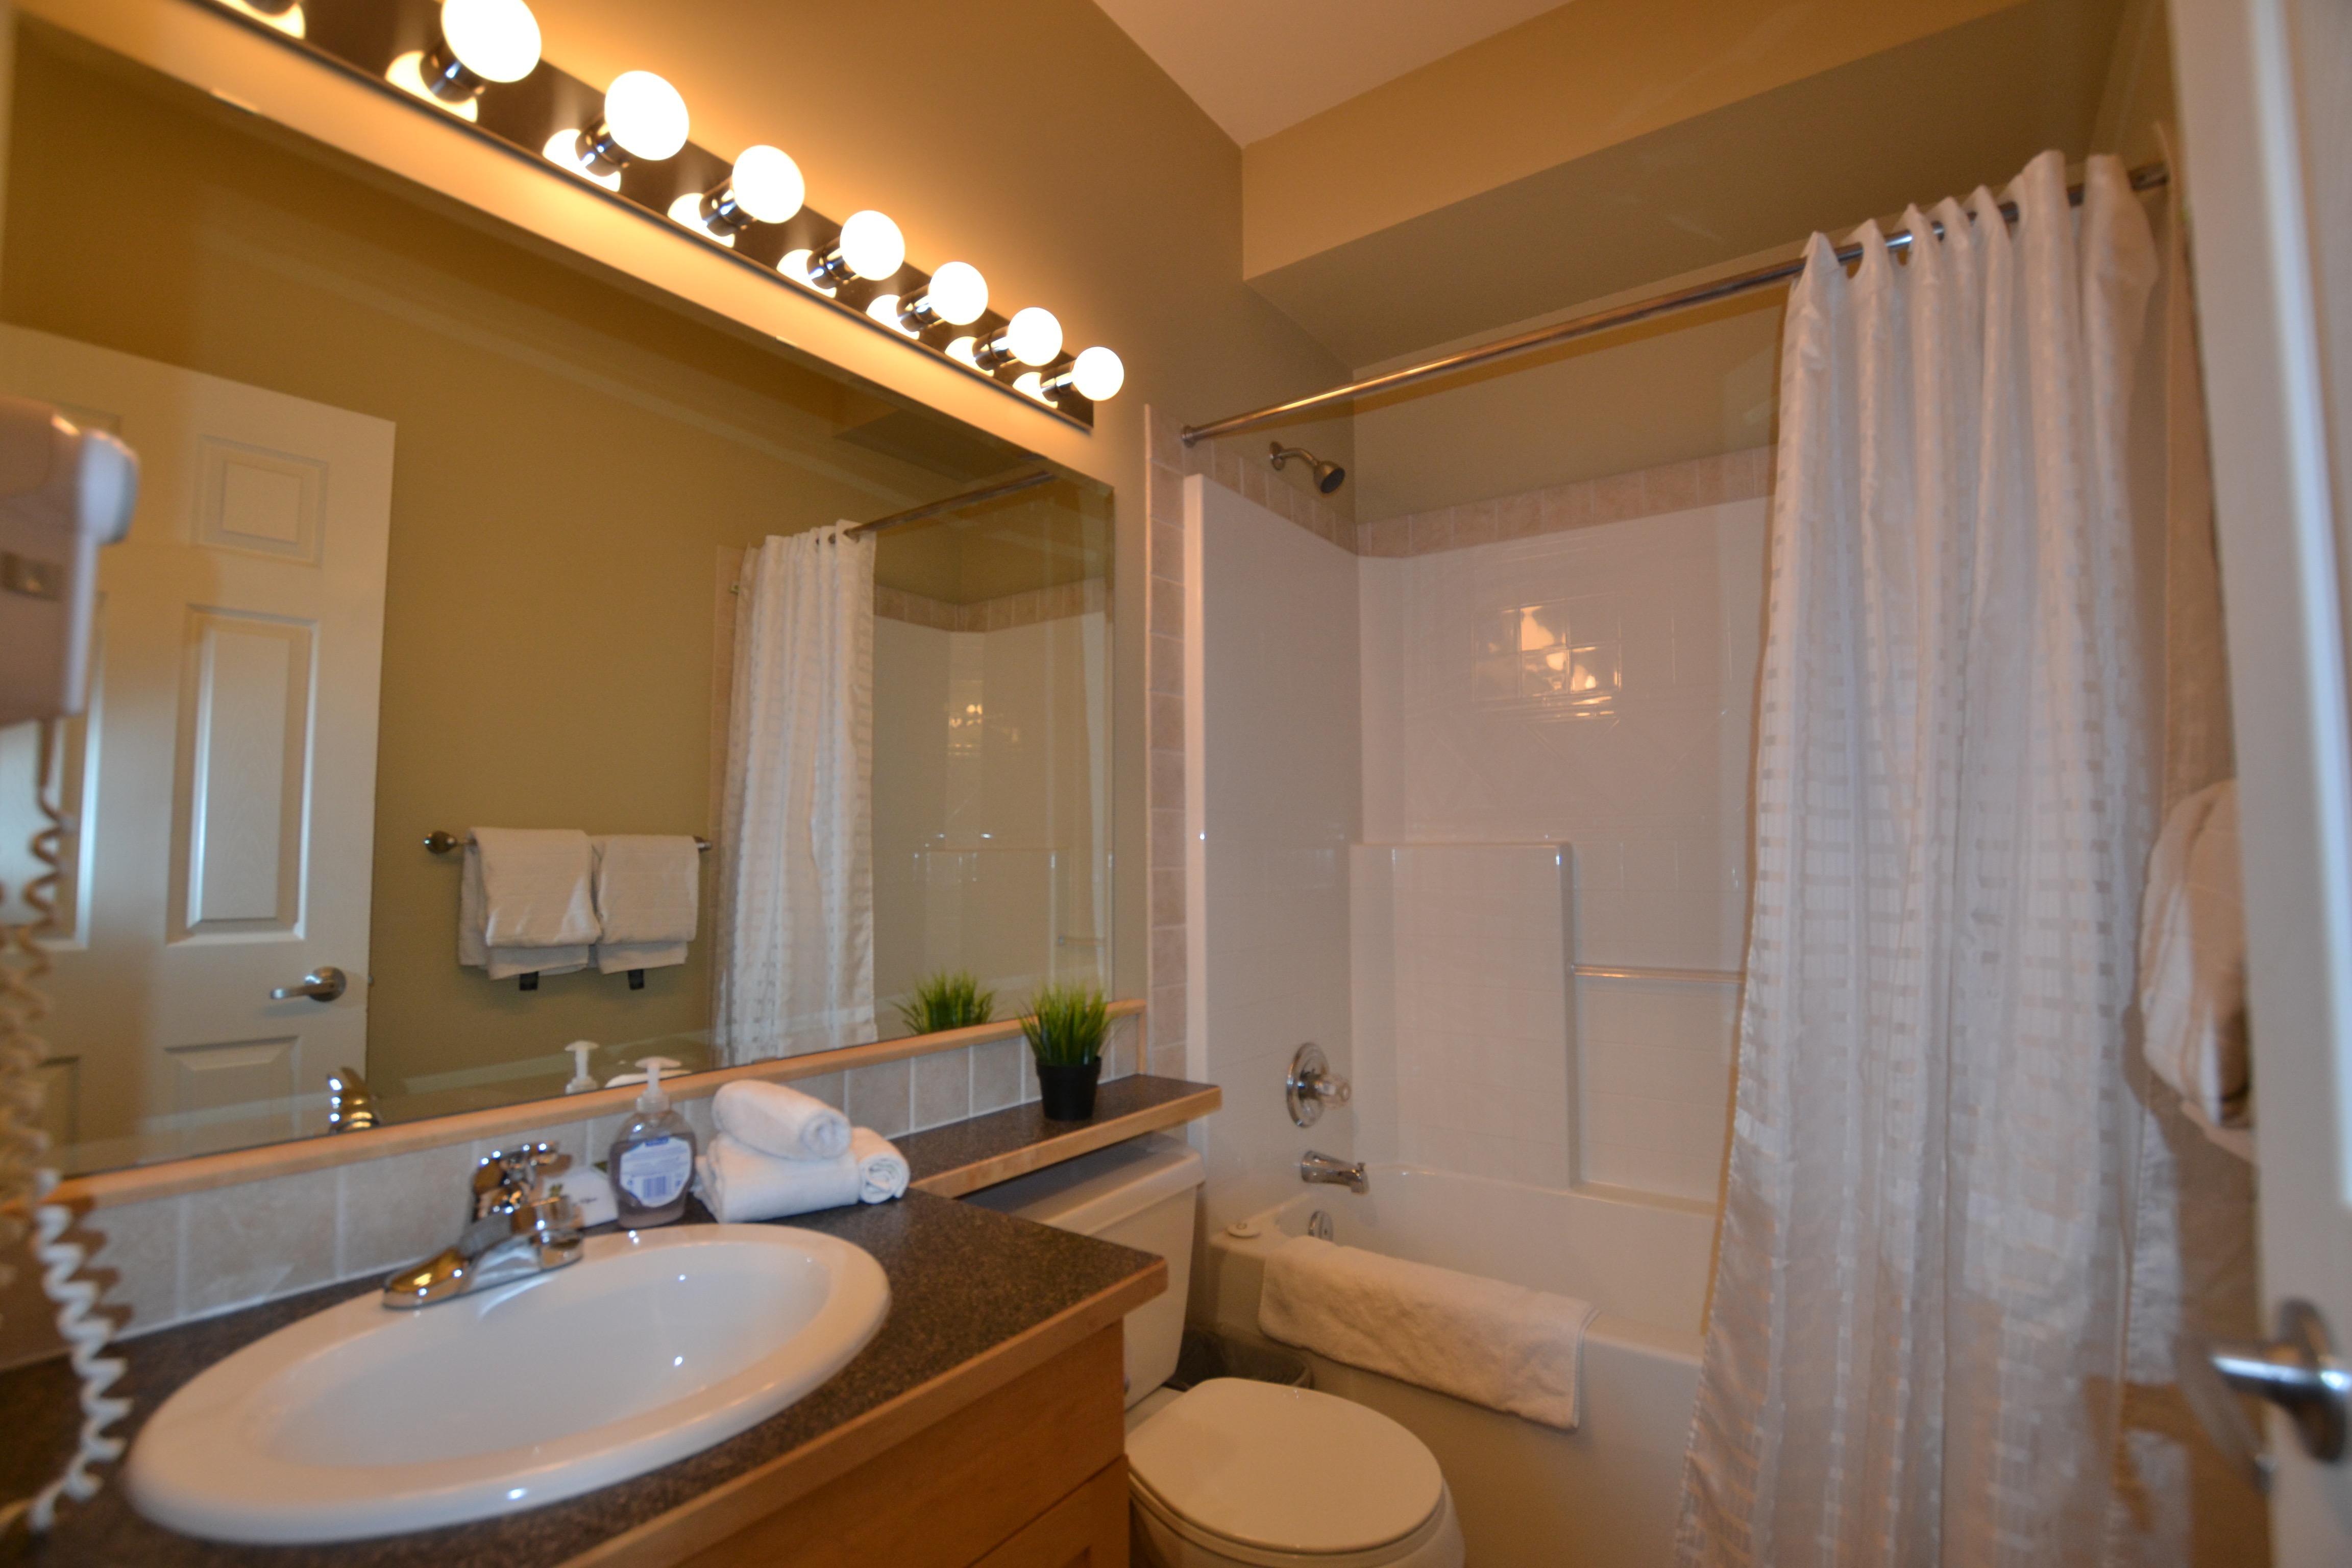 410 Bedroom 2 Bathroom